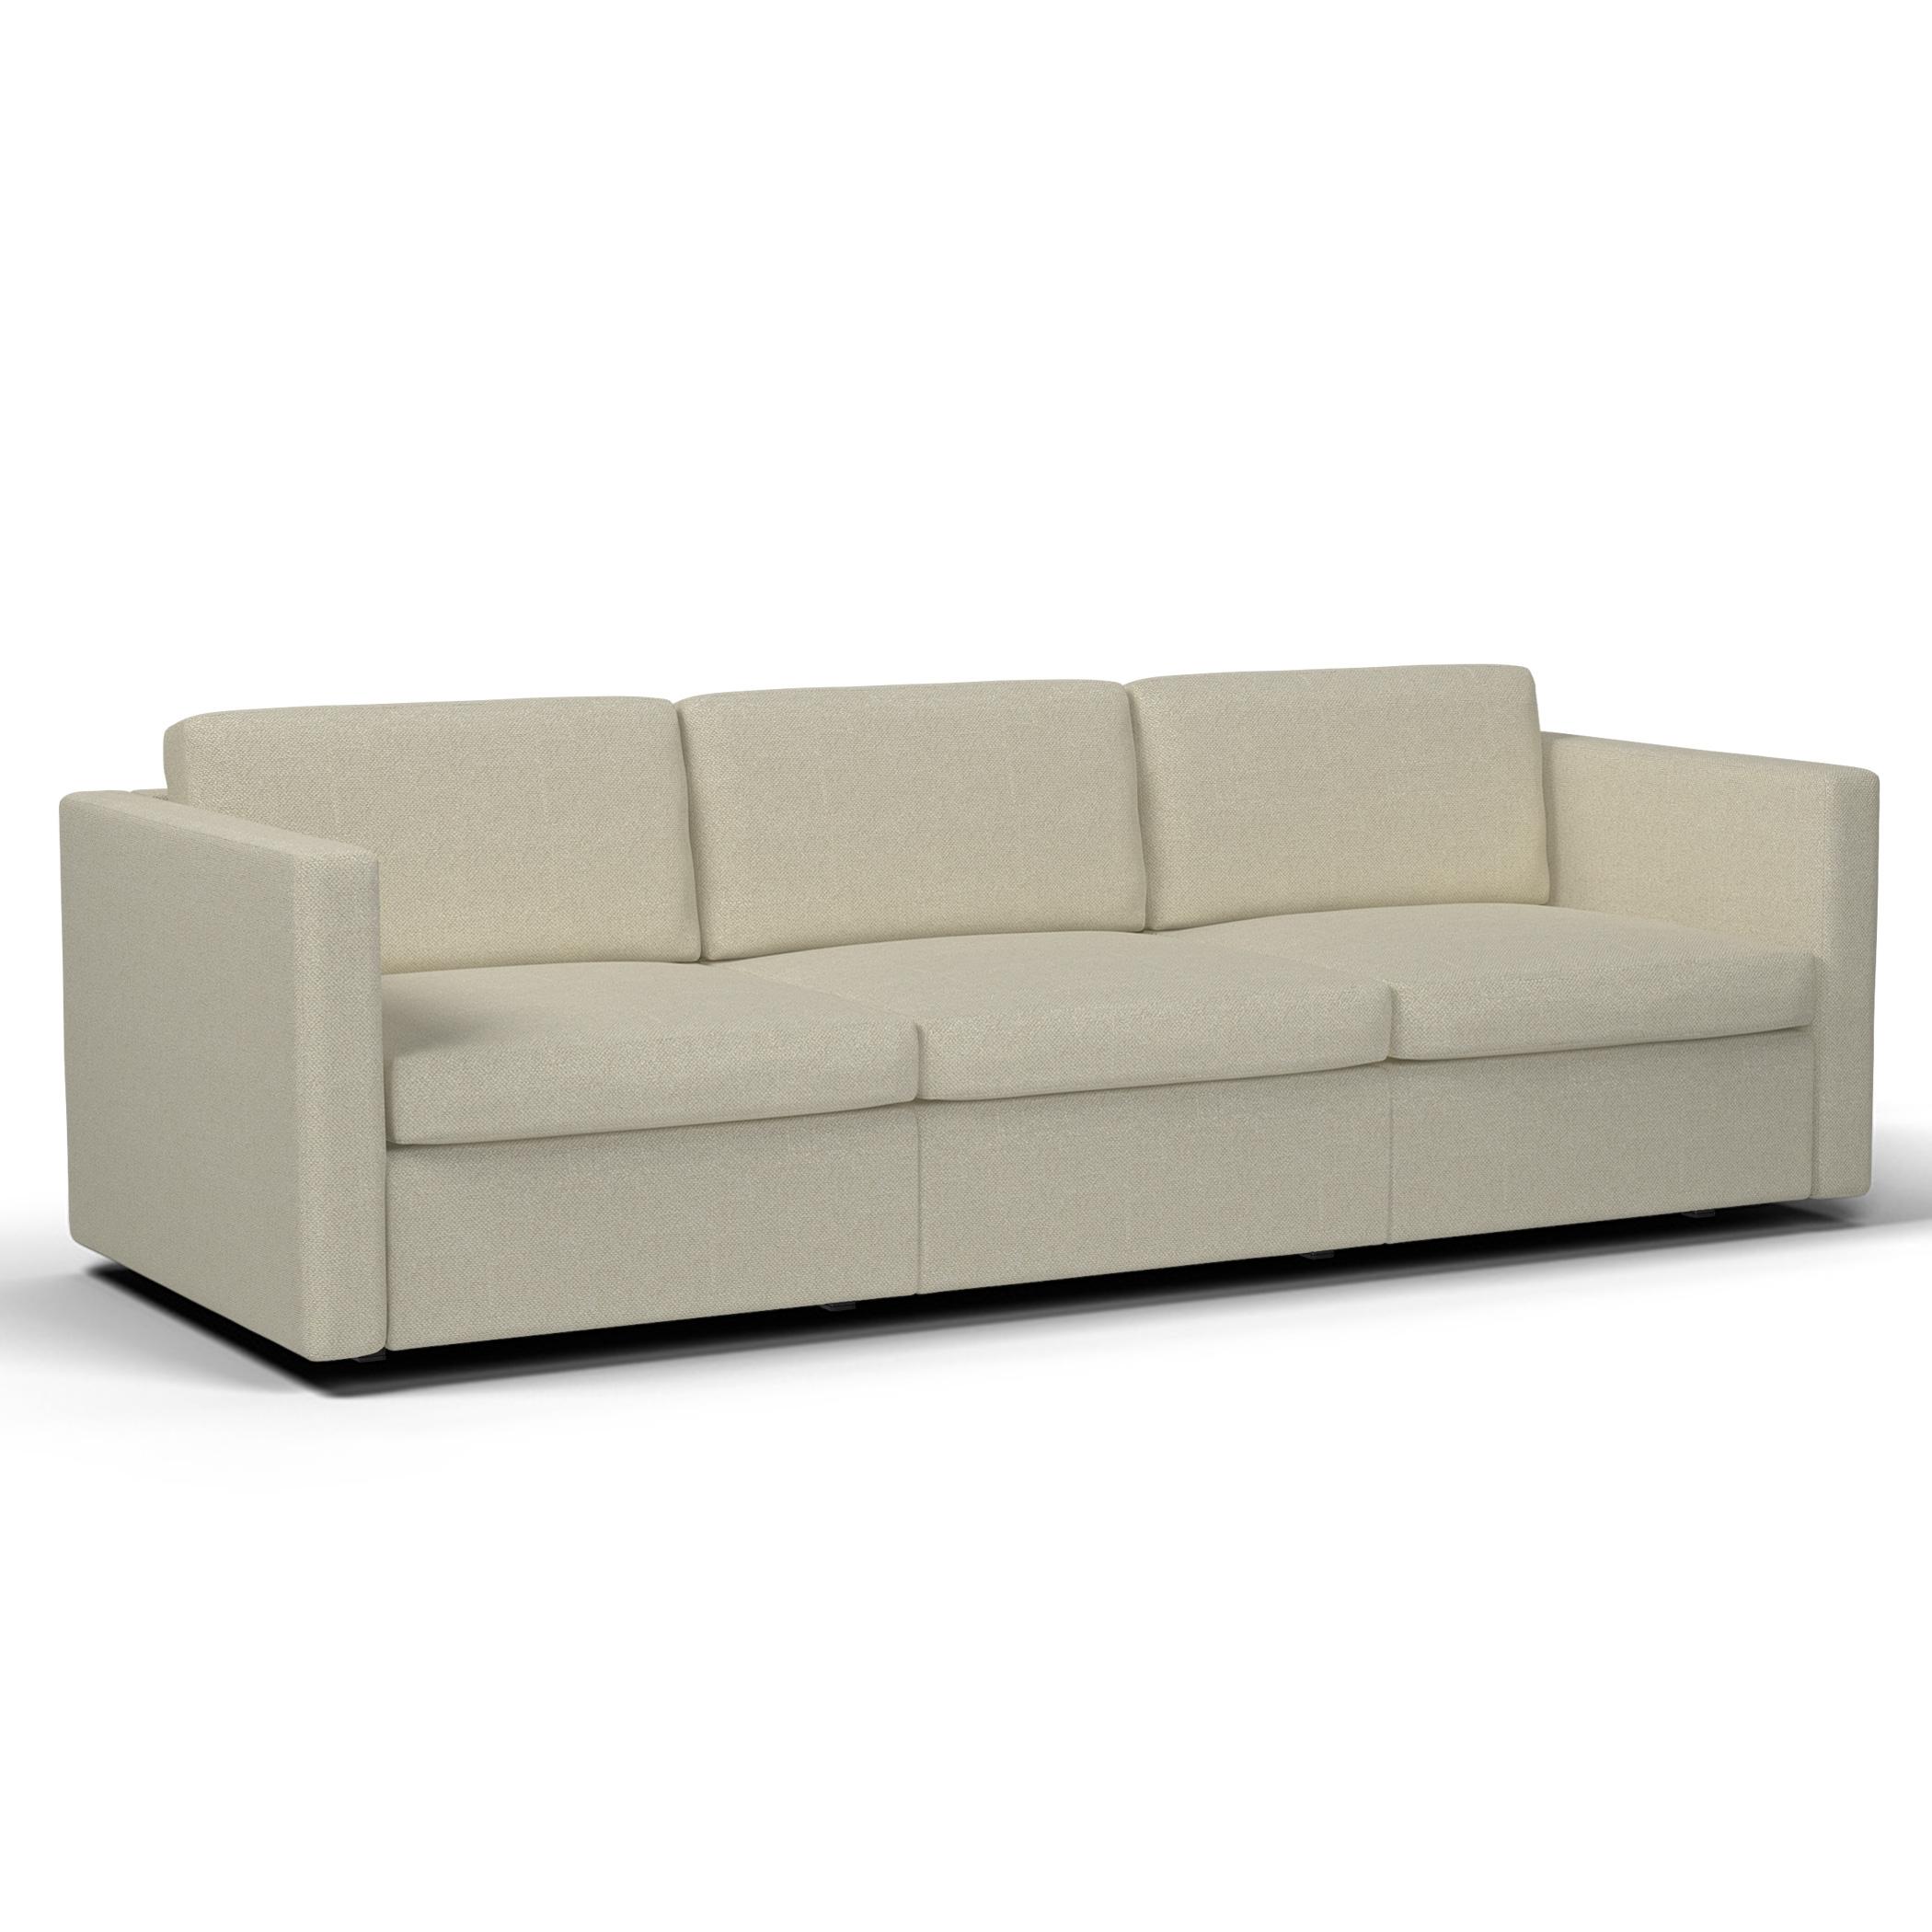 Pfister Sofa Retail Price 6506